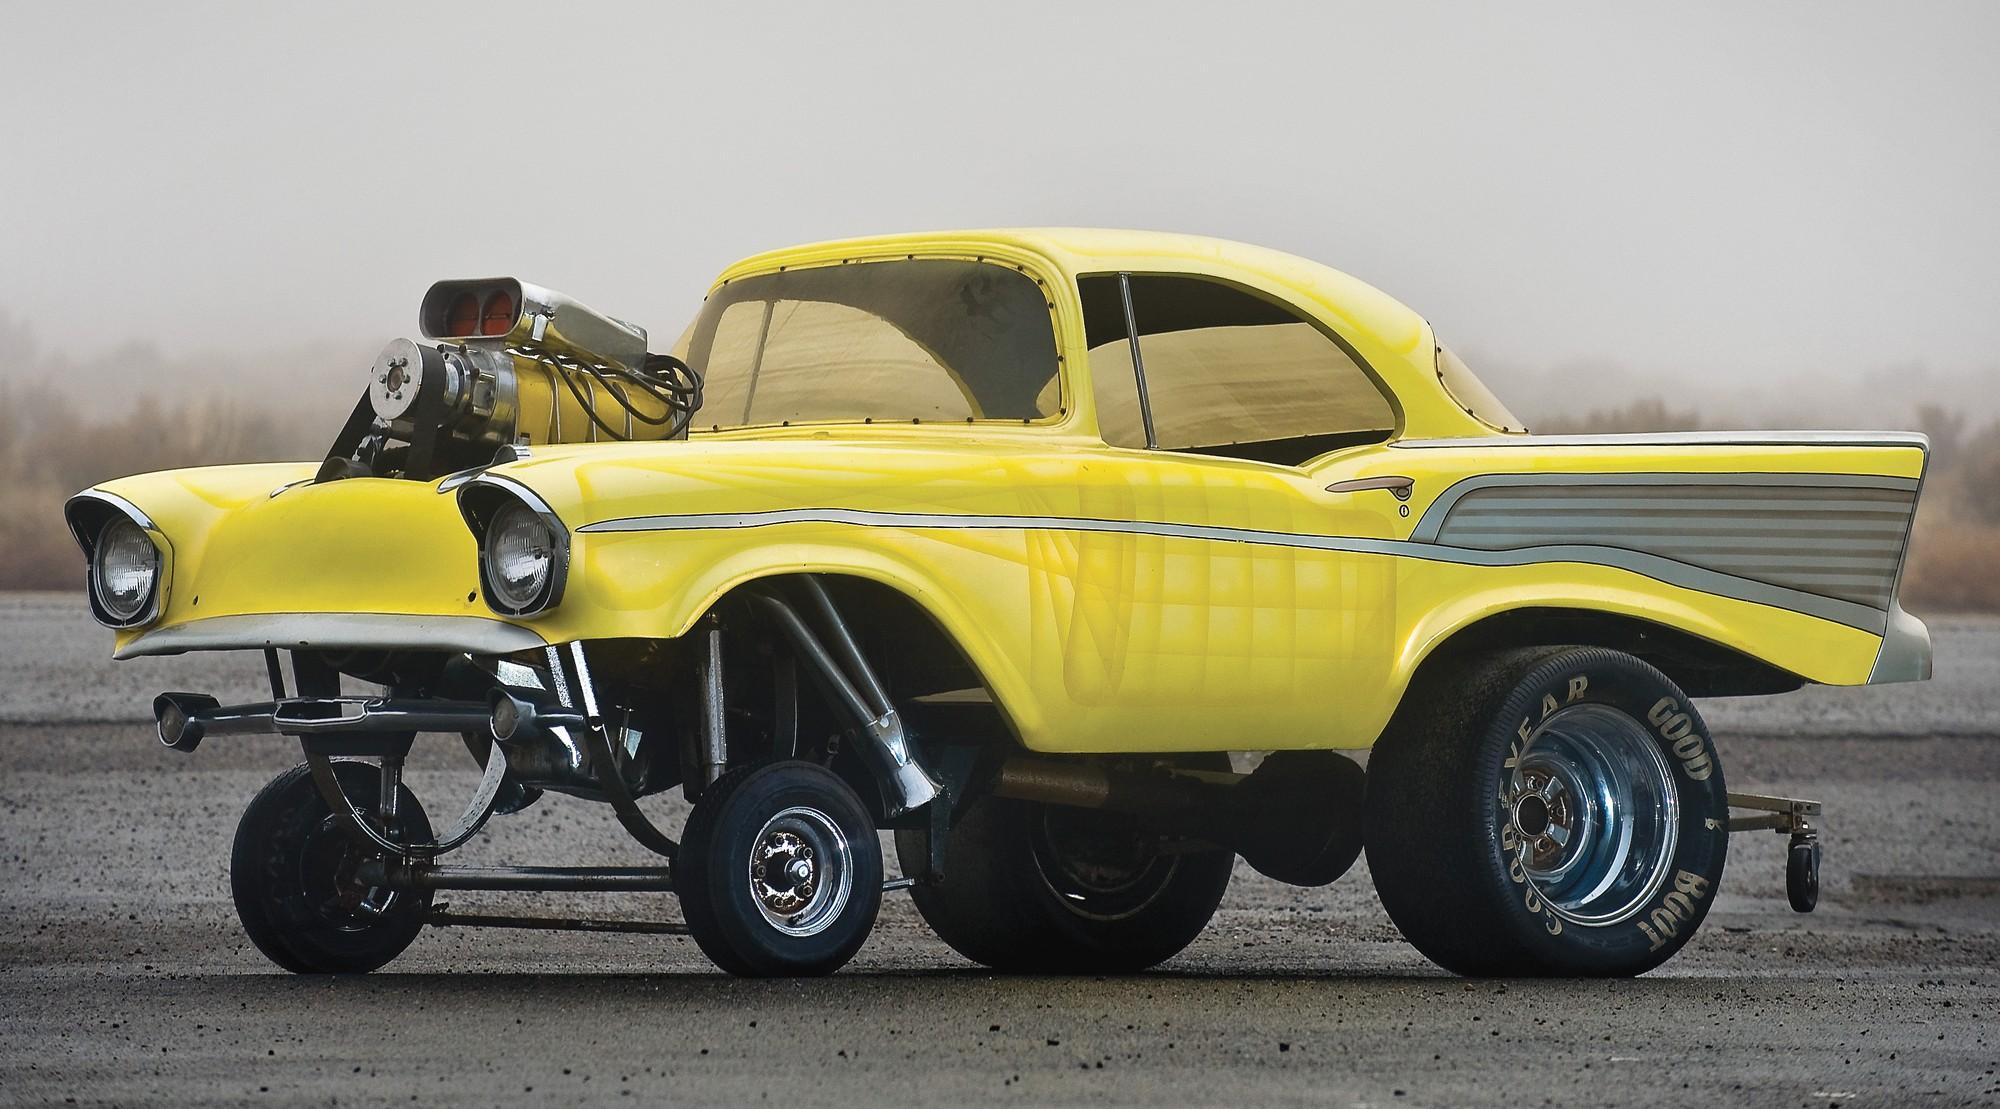 1957 chevrolet hot rod rods retro drag racing race gasser. Black Bedroom Furniture Sets. Home Design Ideas